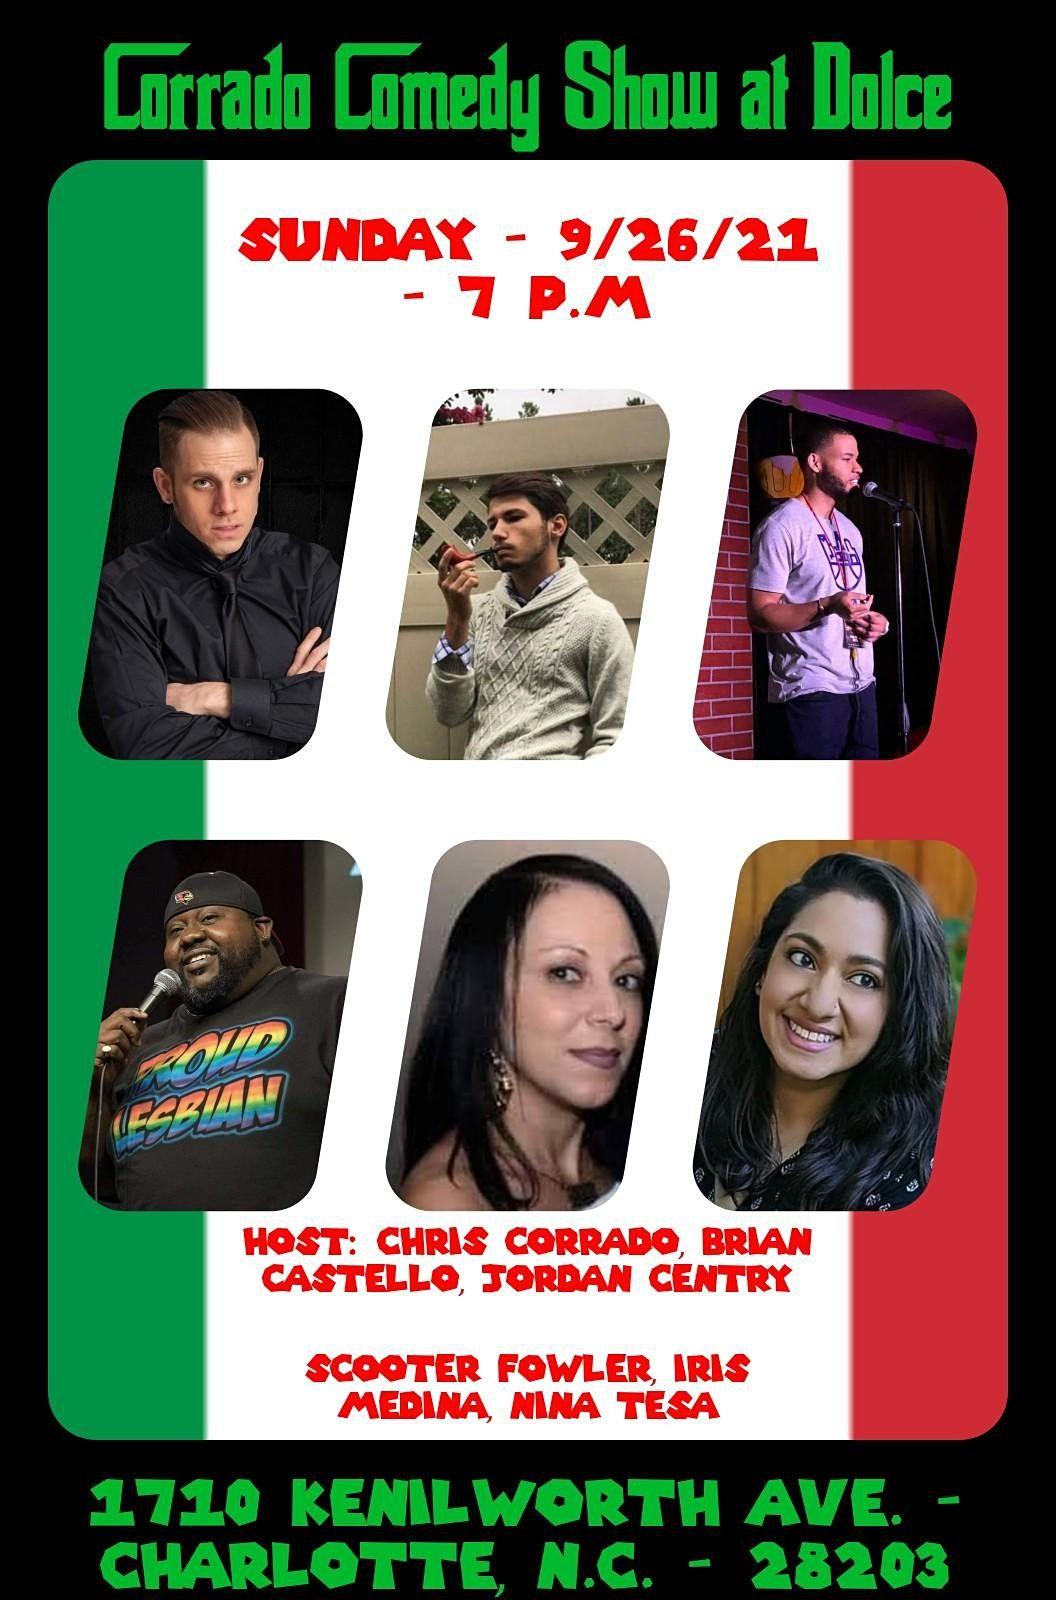 Corrado Comedy Show at Dolce: 9\/26\/21